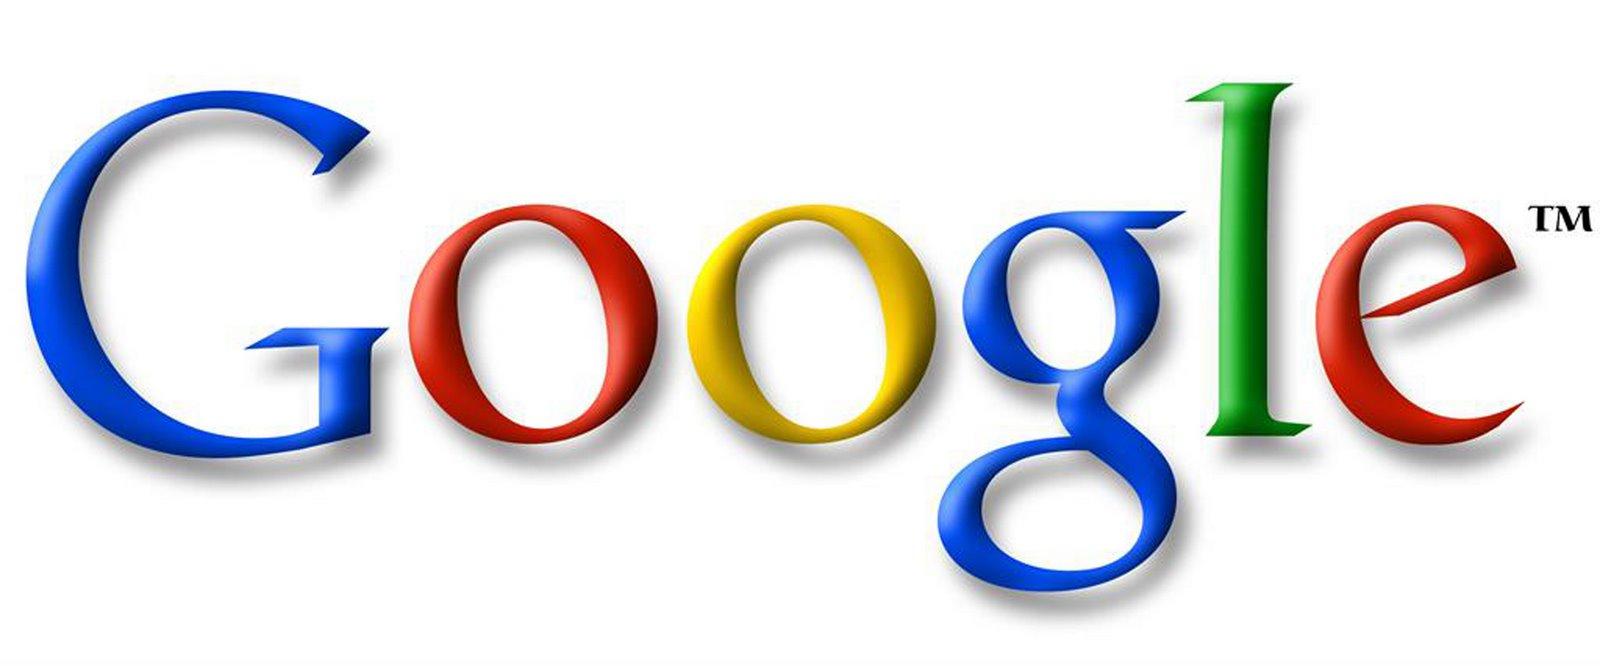 https://i1.wp.com/tecnologyc.com/wp-content/2009/11/google.jpg